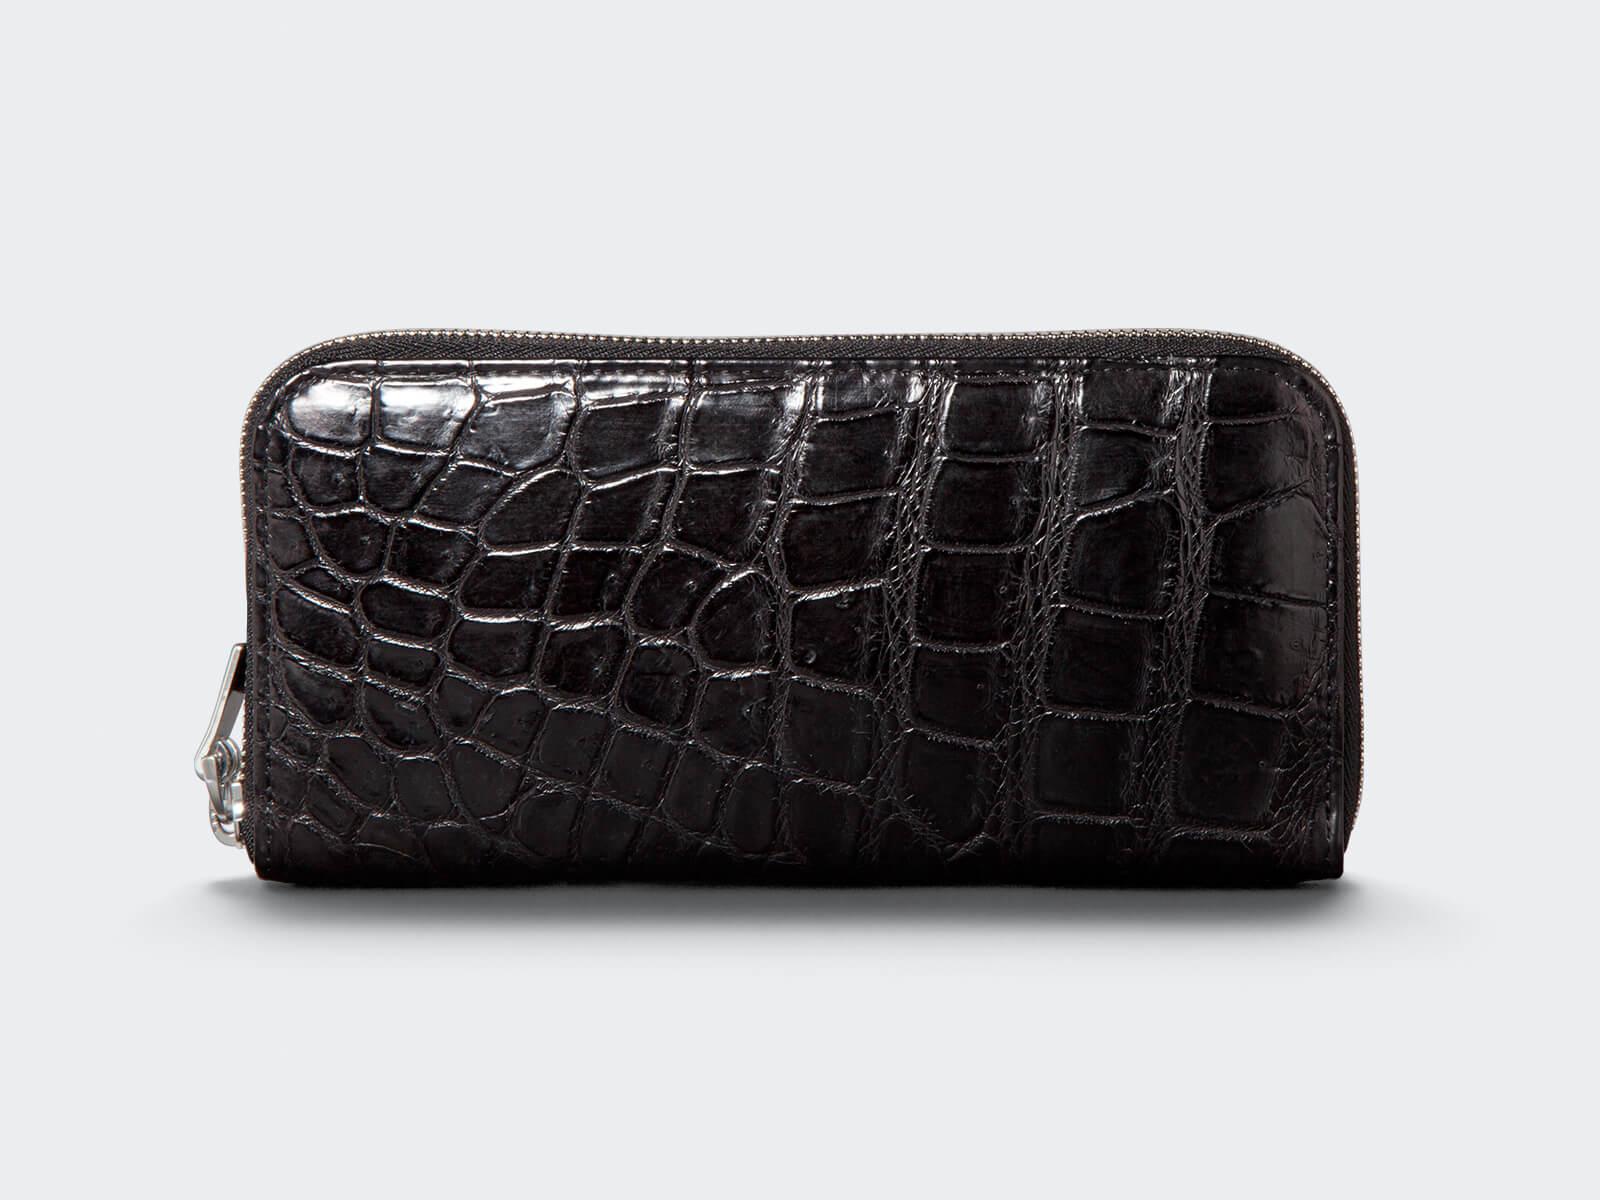 横取りのクロコ財布